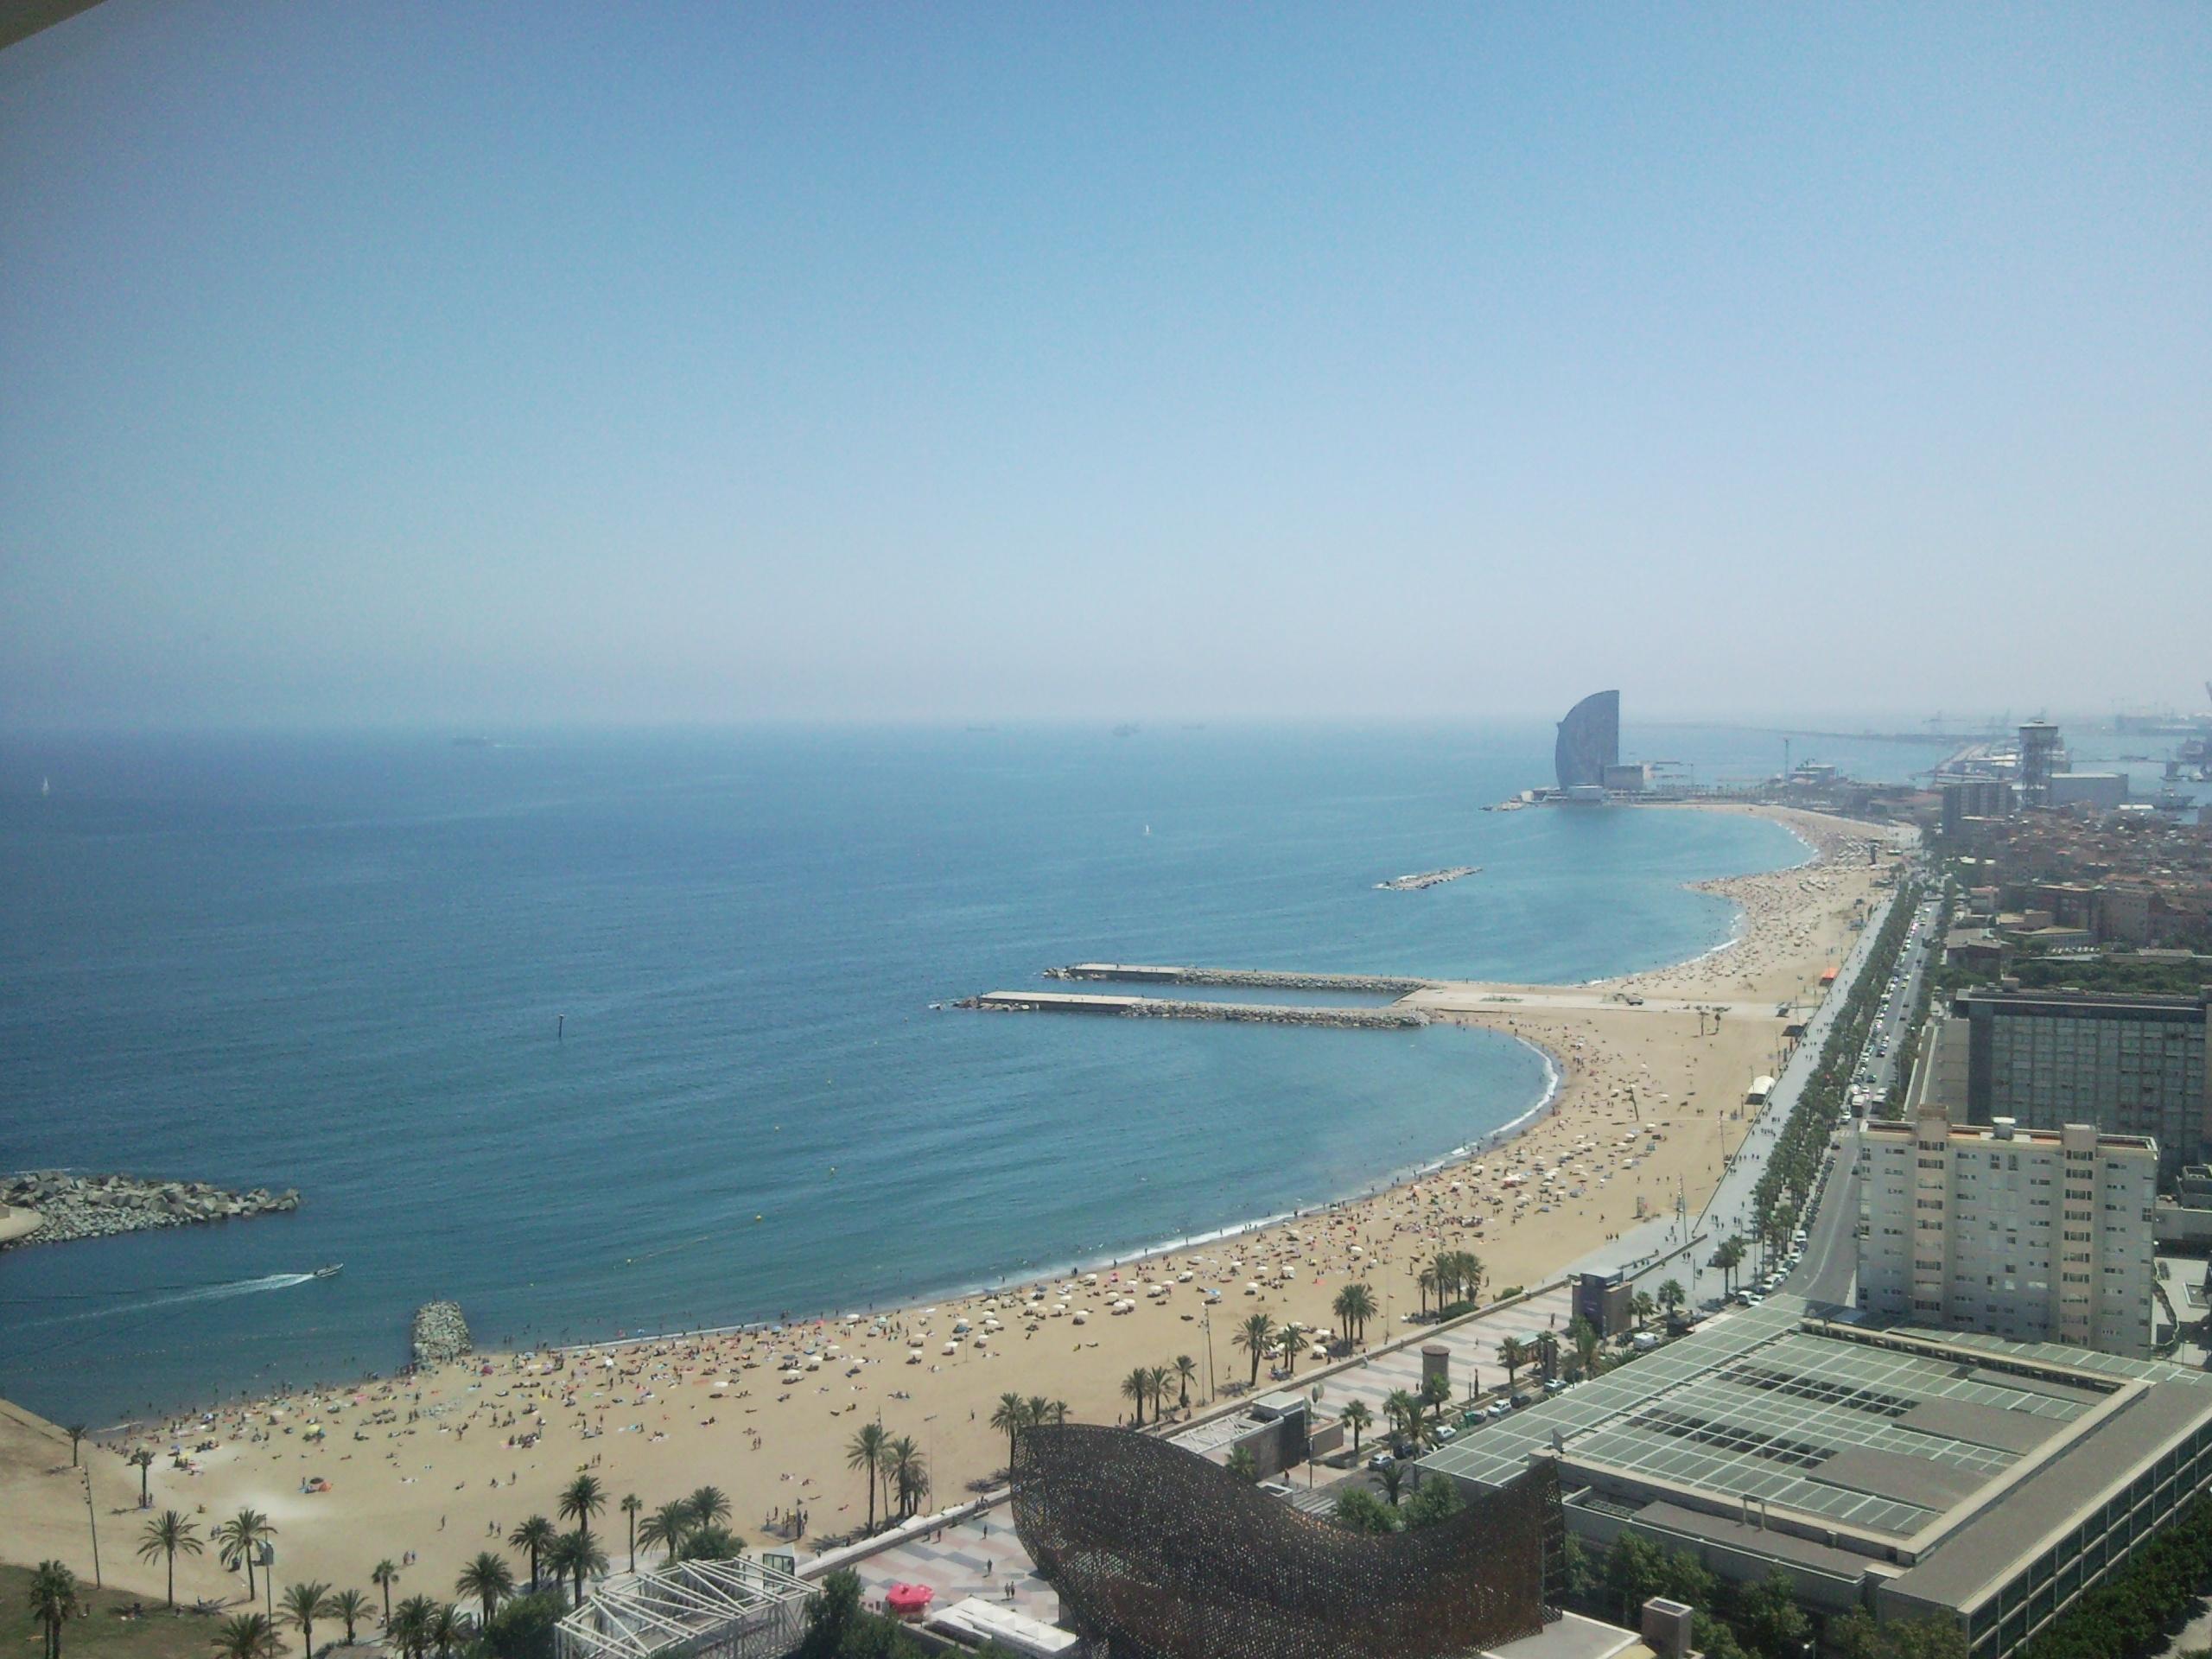 Vistas de la calle marina de barcelona 3viajes - Calle marina barcelona ...